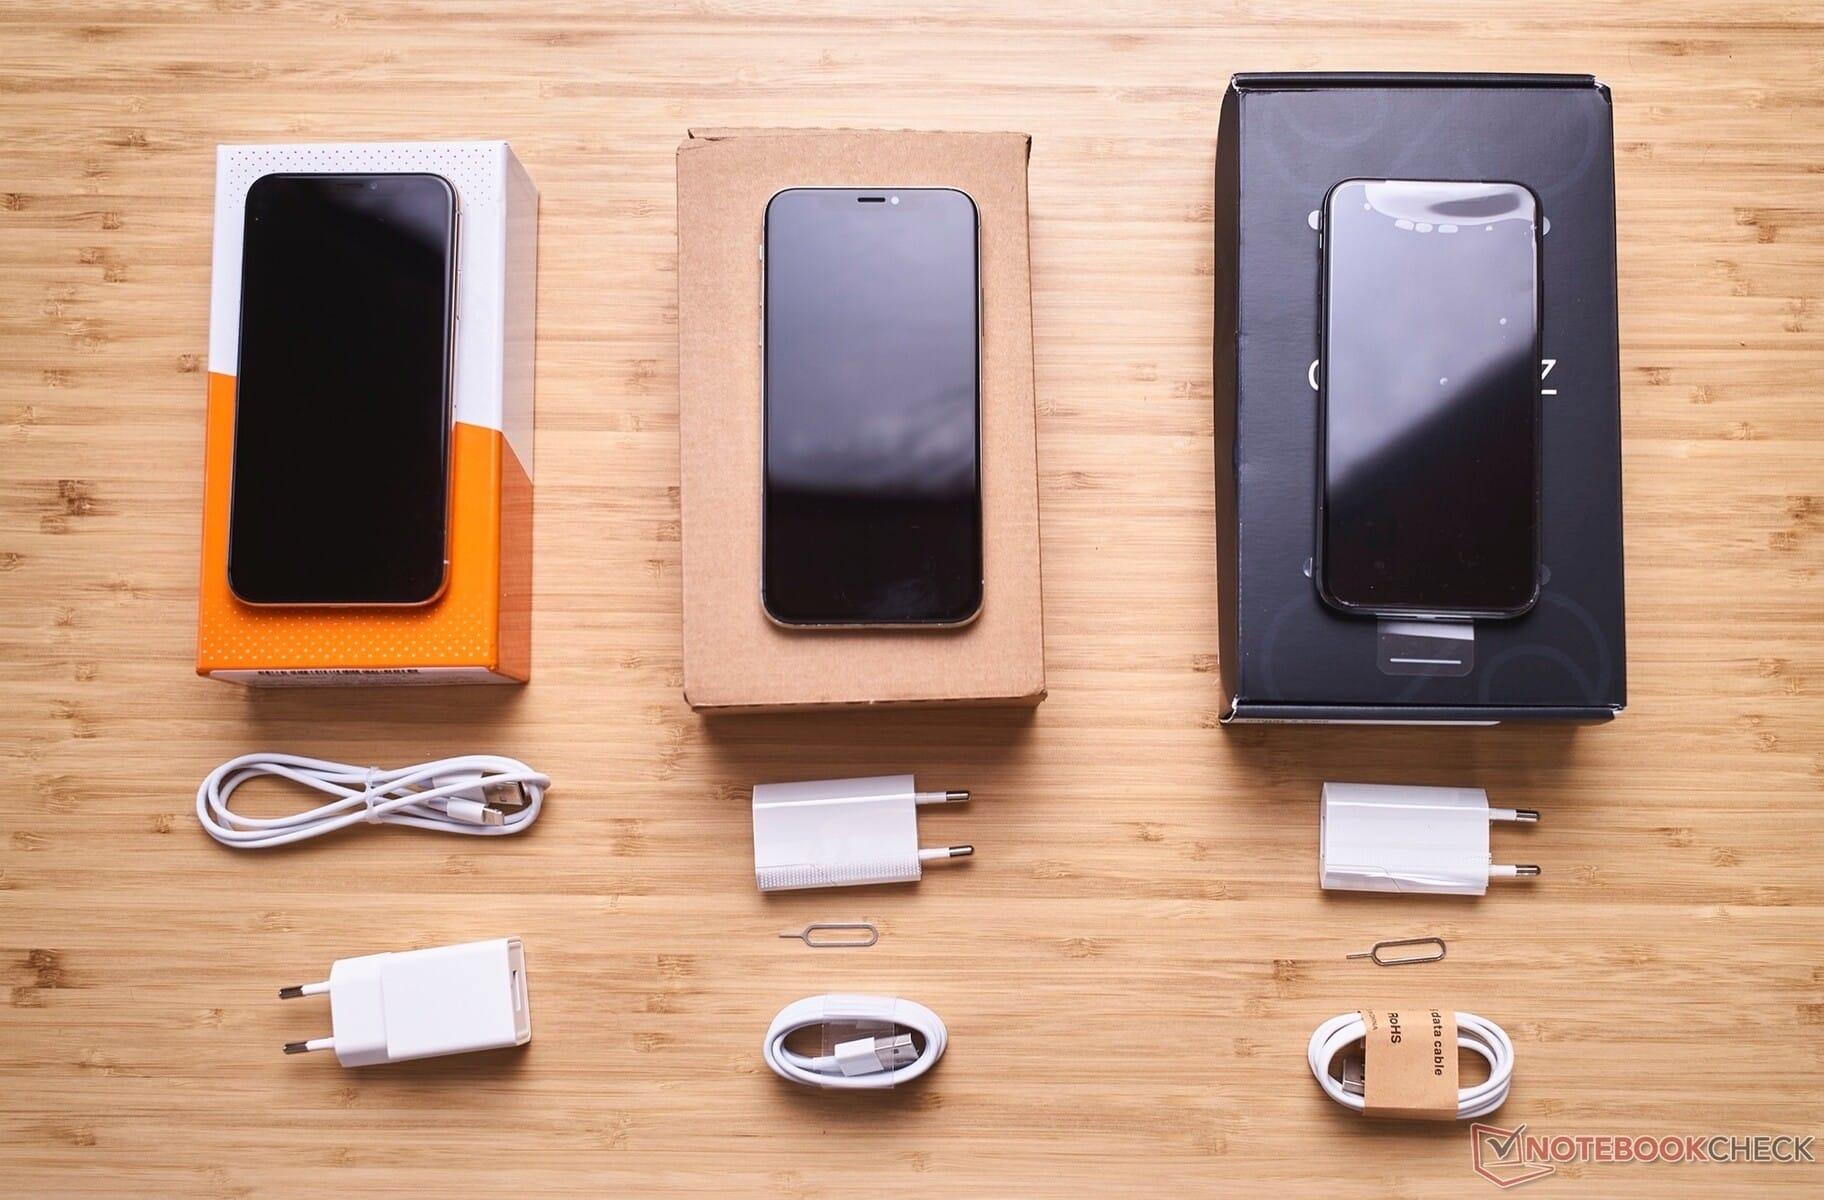 Repasovaný iPhone nemusí mať originálne balenie ani príslušenstvo